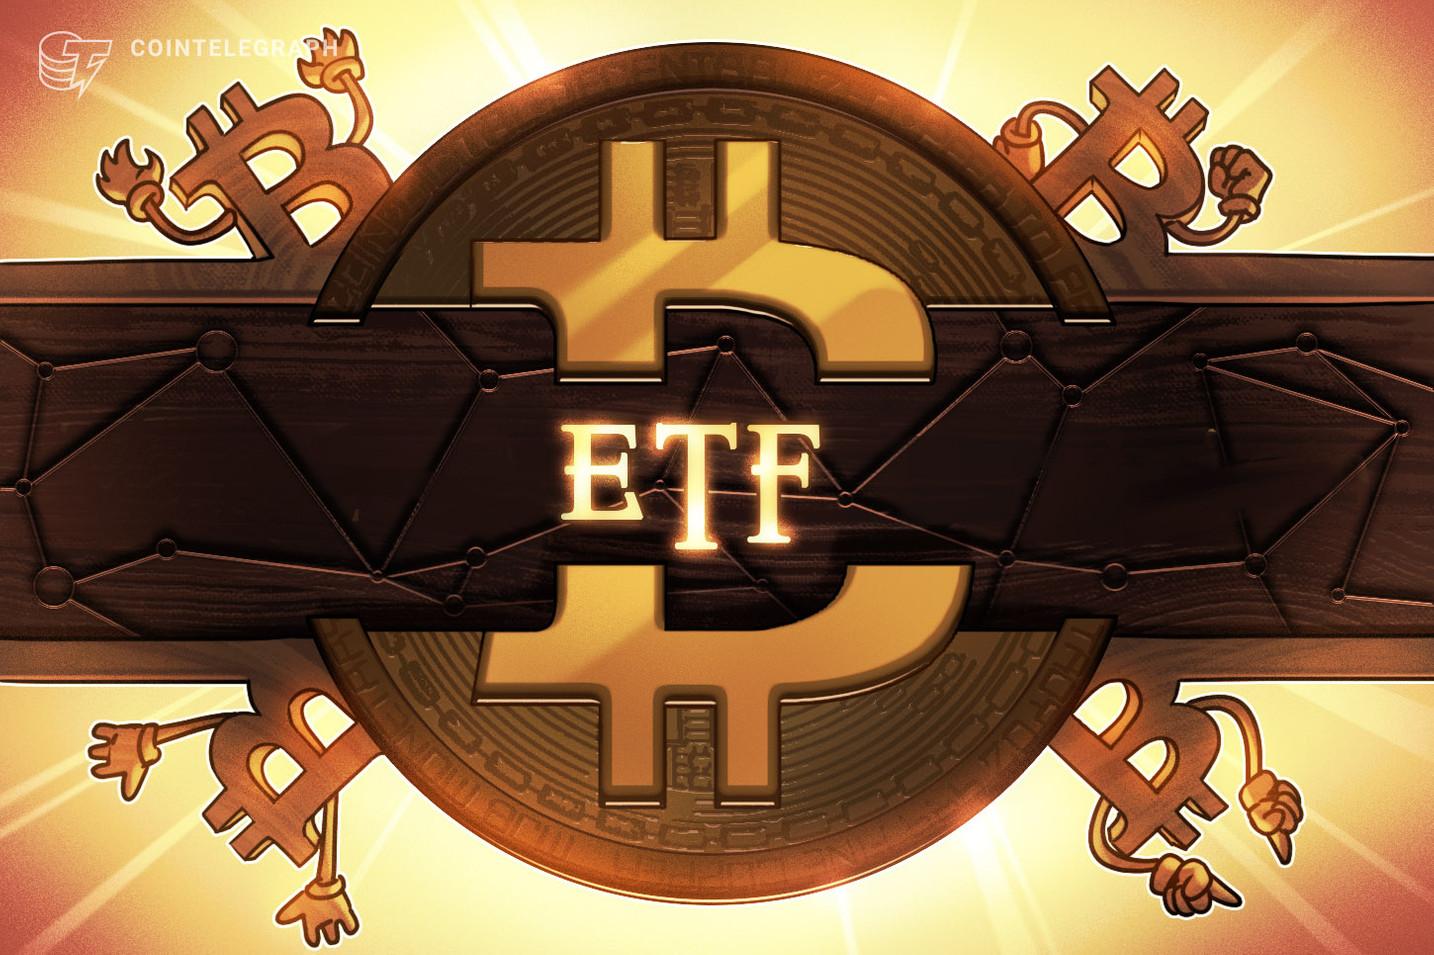 Una firma canadiense presenta su prospecto final para un ETF de Bitcoin